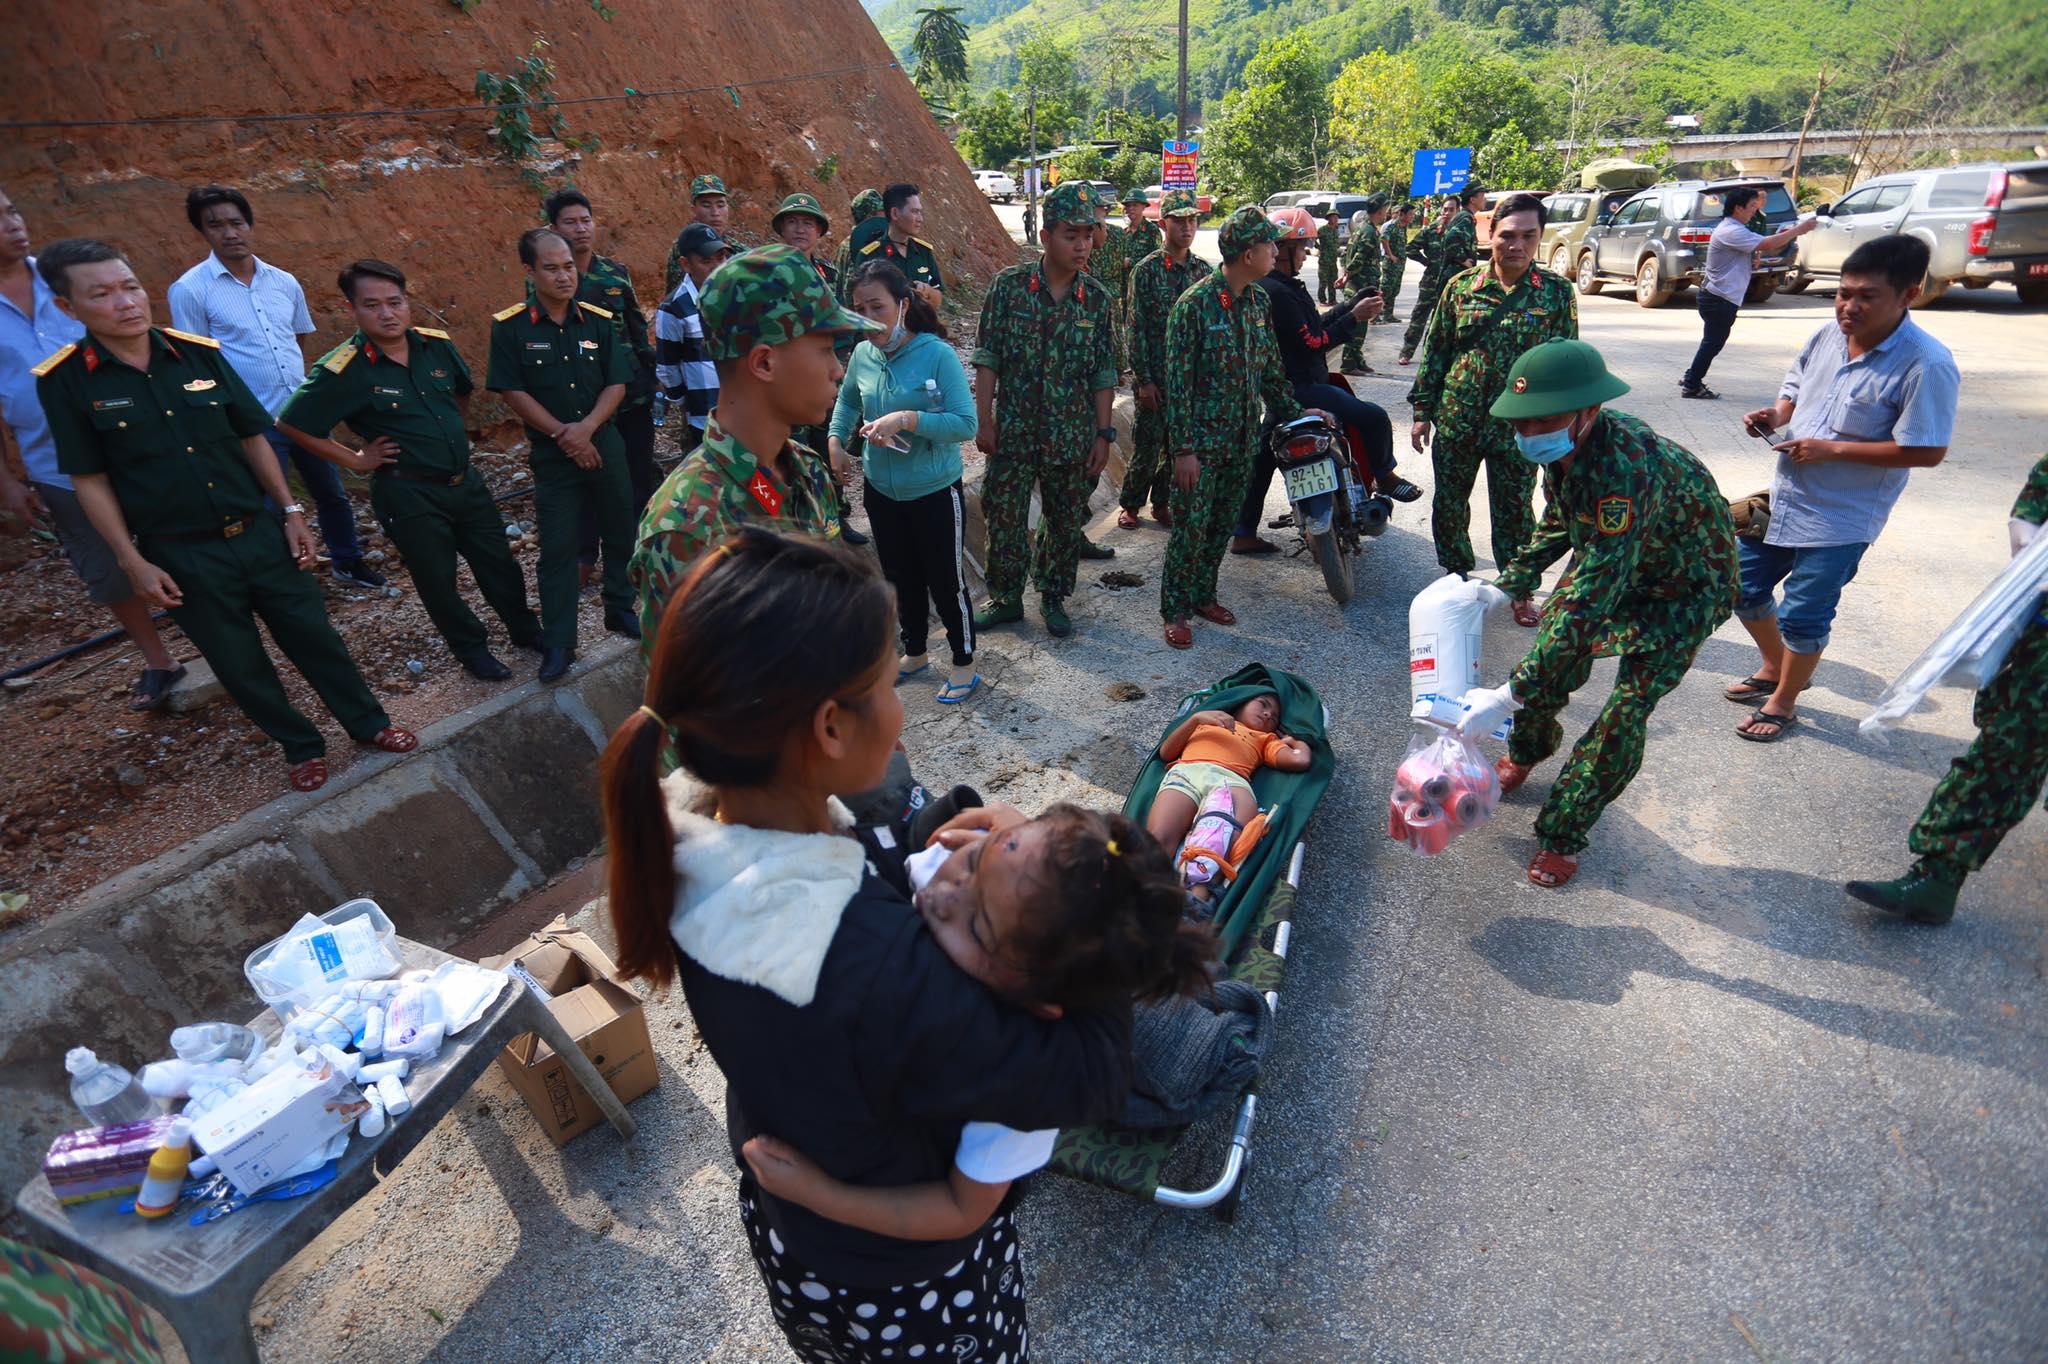 Ảnh cập nhật nóng từ hiện trường ở Trà Leng: 33 nạn nhân được đưa ra Quốc lộ bằng võng để cứu hộ y tế - Ảnh 2.